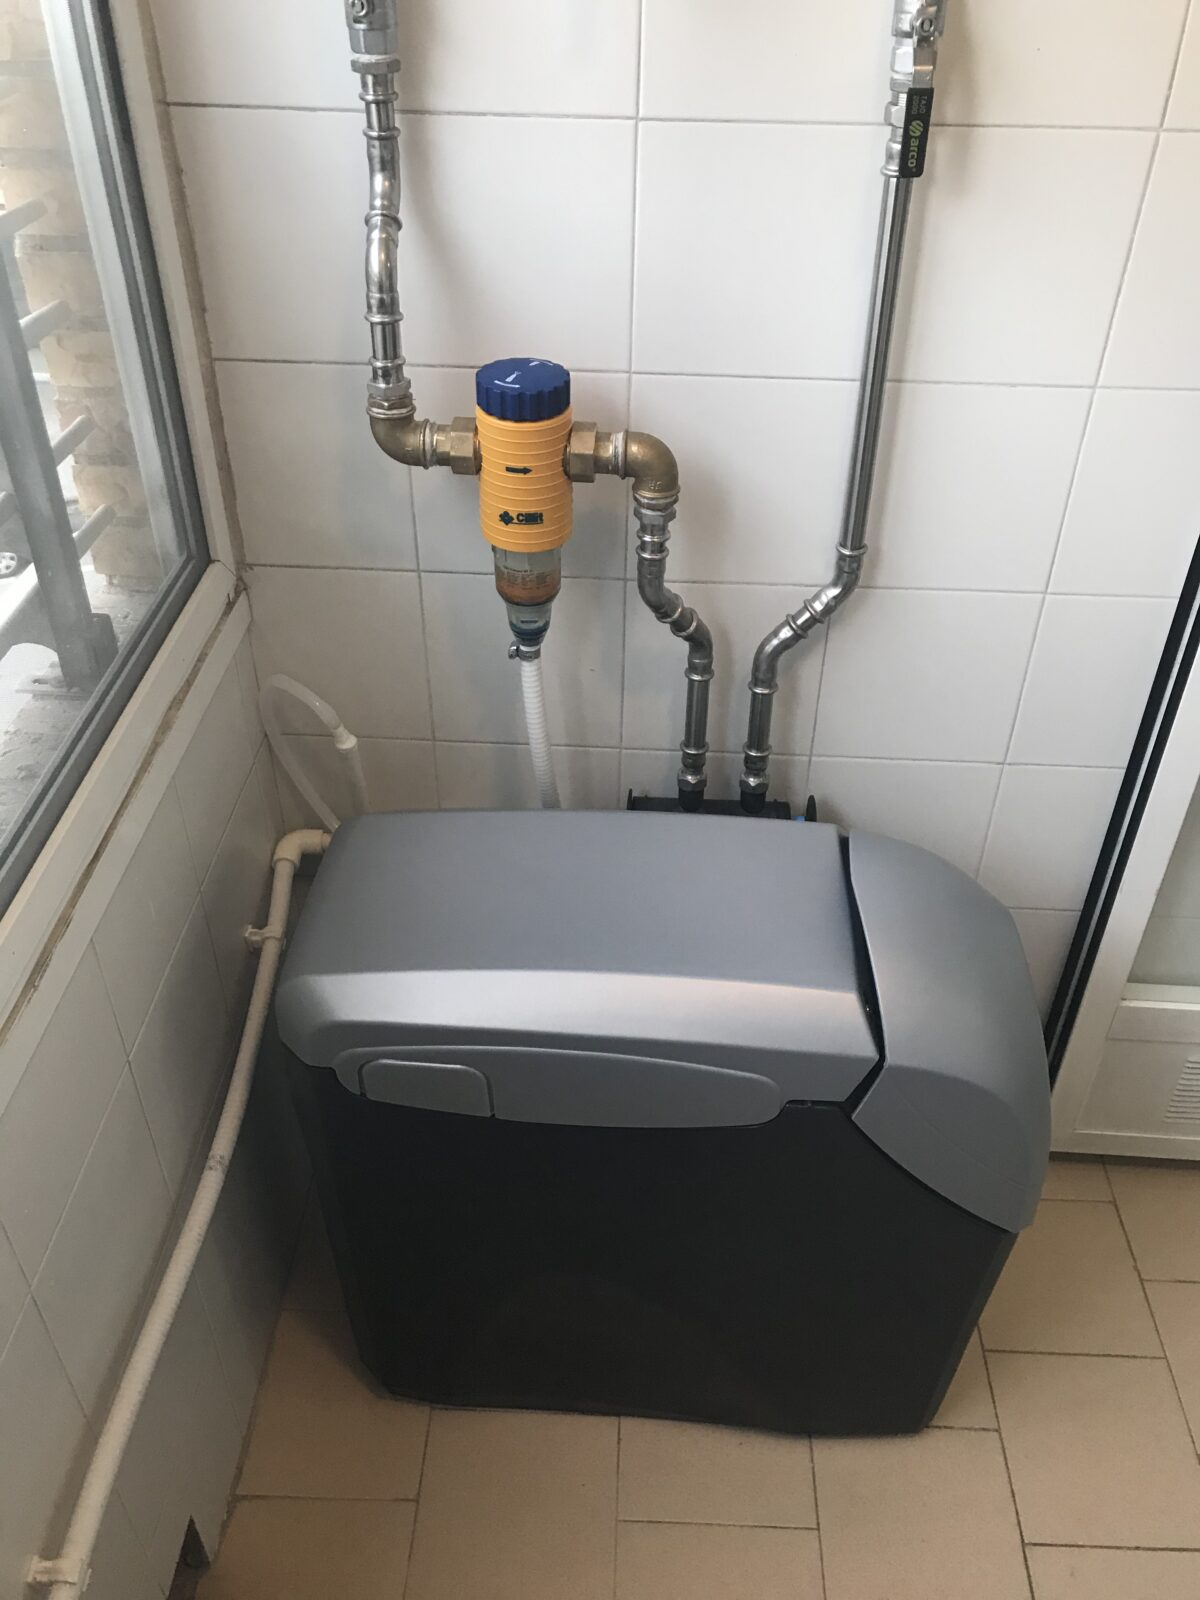 Descalcificador Kinetico 2050C y filtro Cillit Claropur